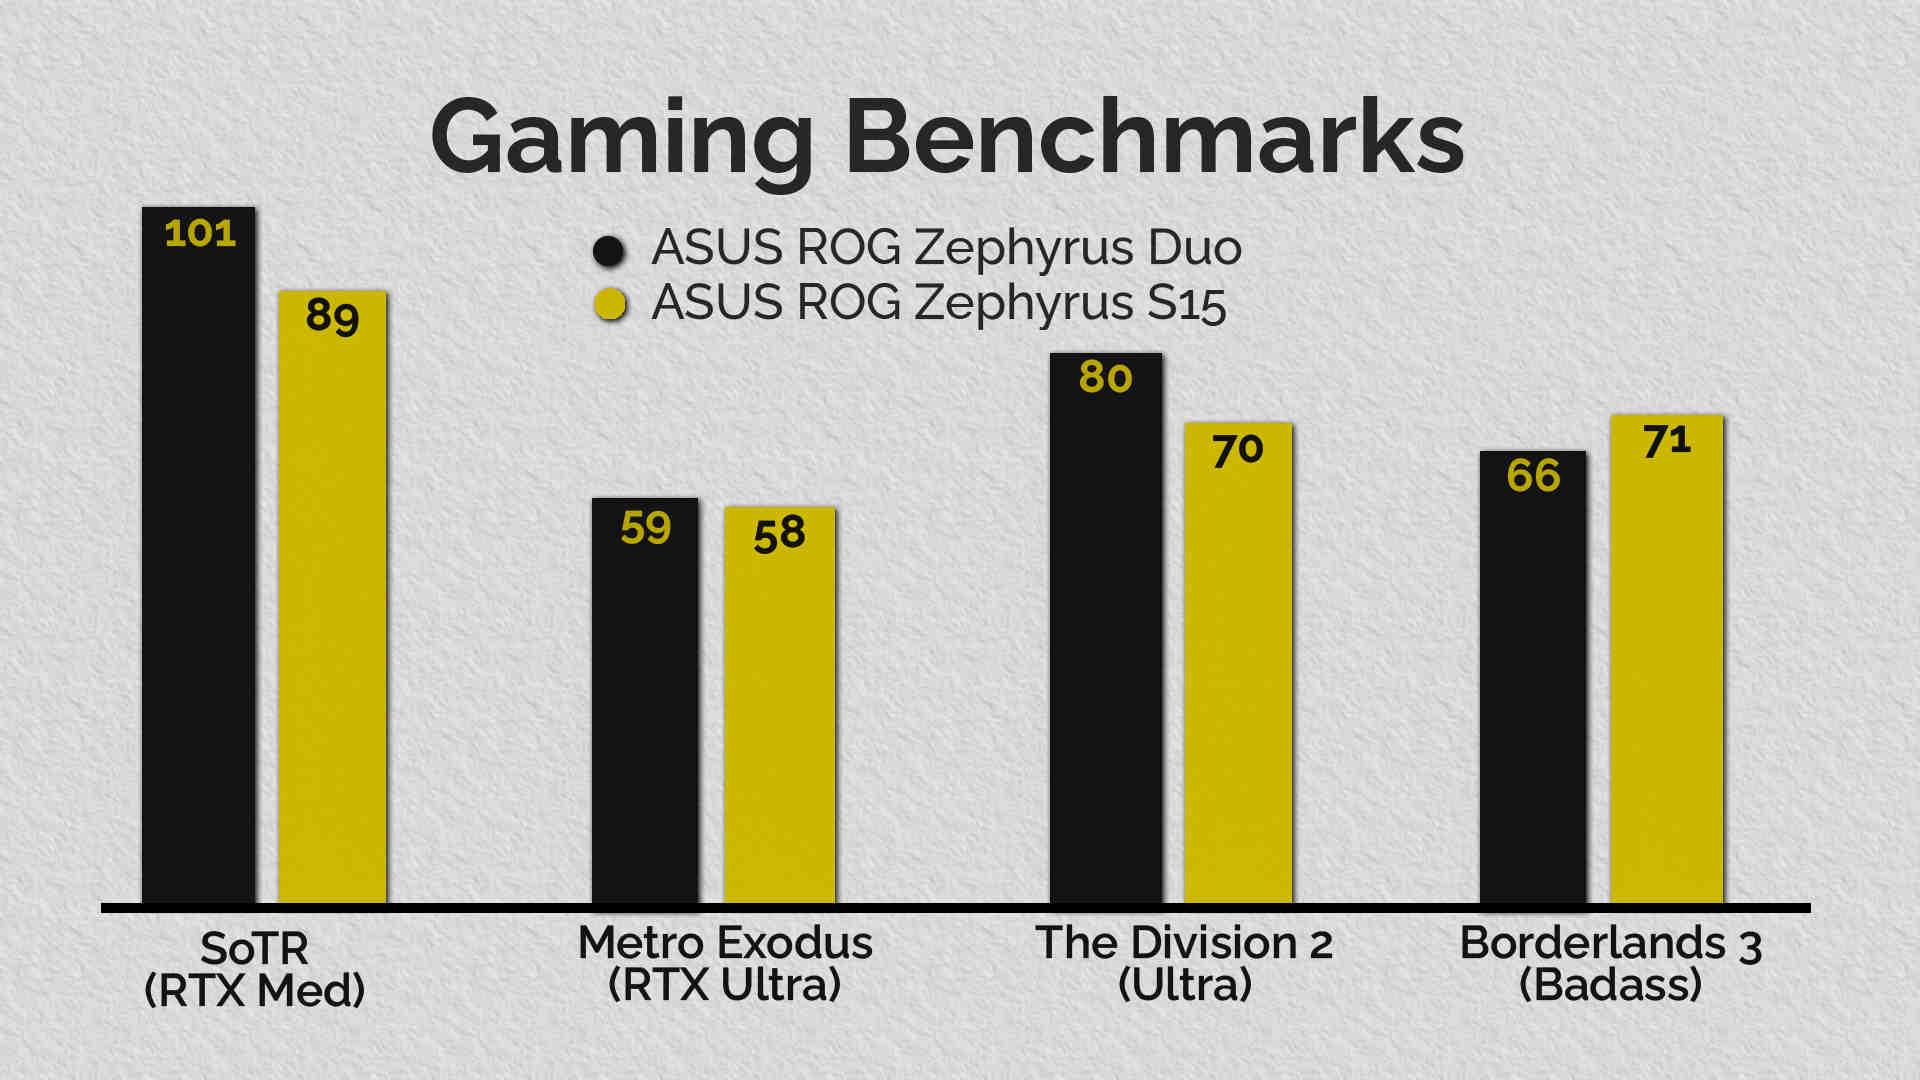 Malgré l'emballage dans un GPU plus lent que sur le S15, le meilleur refroidissement du Duo permet à son GPU Super Max-Q 2070 de se dégourdir un peu plus, compensant le déficit de performances dans la plupart des cas.  (Données en images par seconde).  Image: Anirudh Regidi